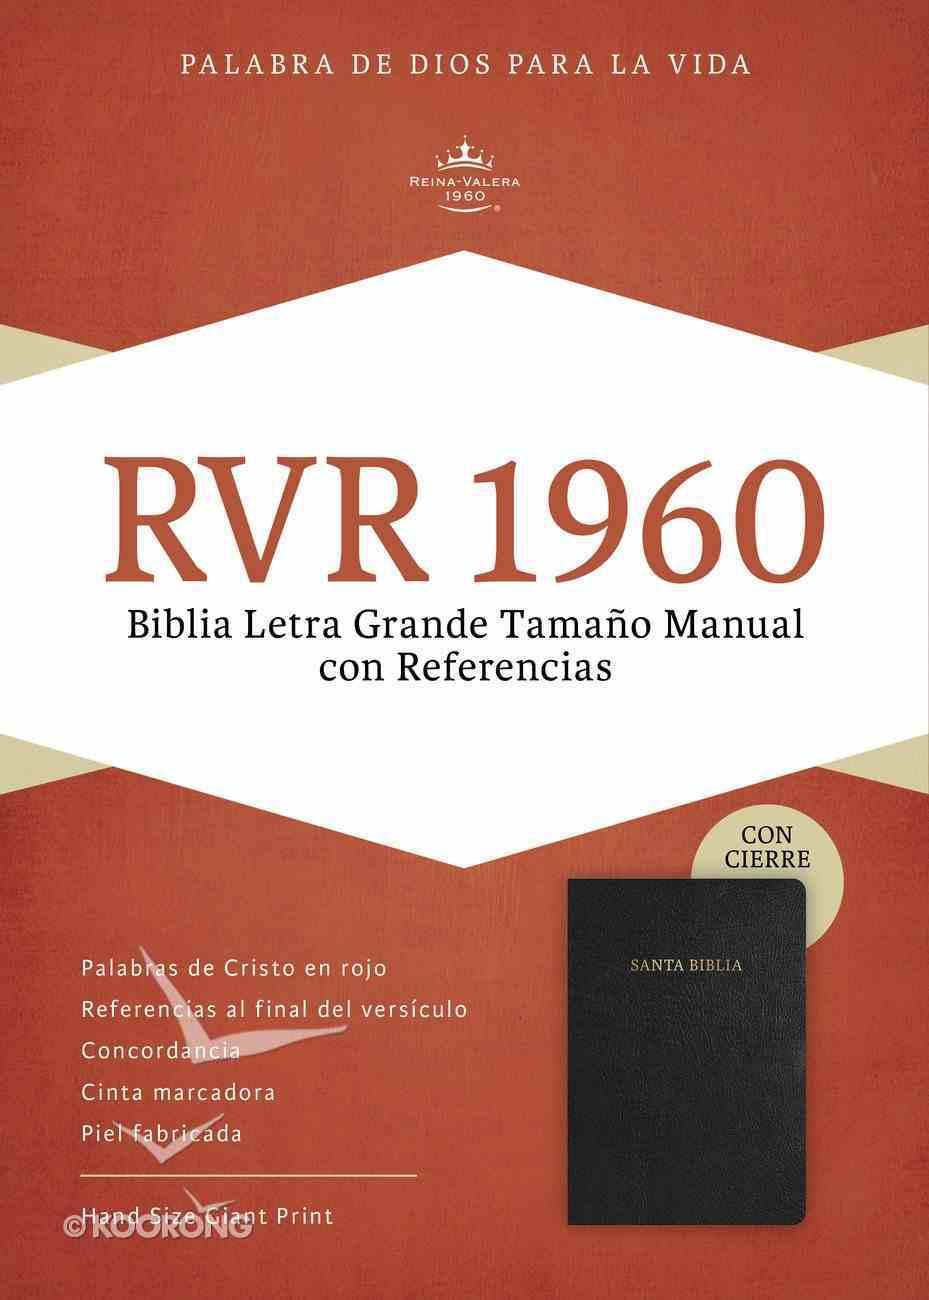 Rvr 1960 Biblia Letra Grande Tamano Manual Negro Piel Fabricada Con Indice Con Cierre (Spanish Bible) Bonded Leather